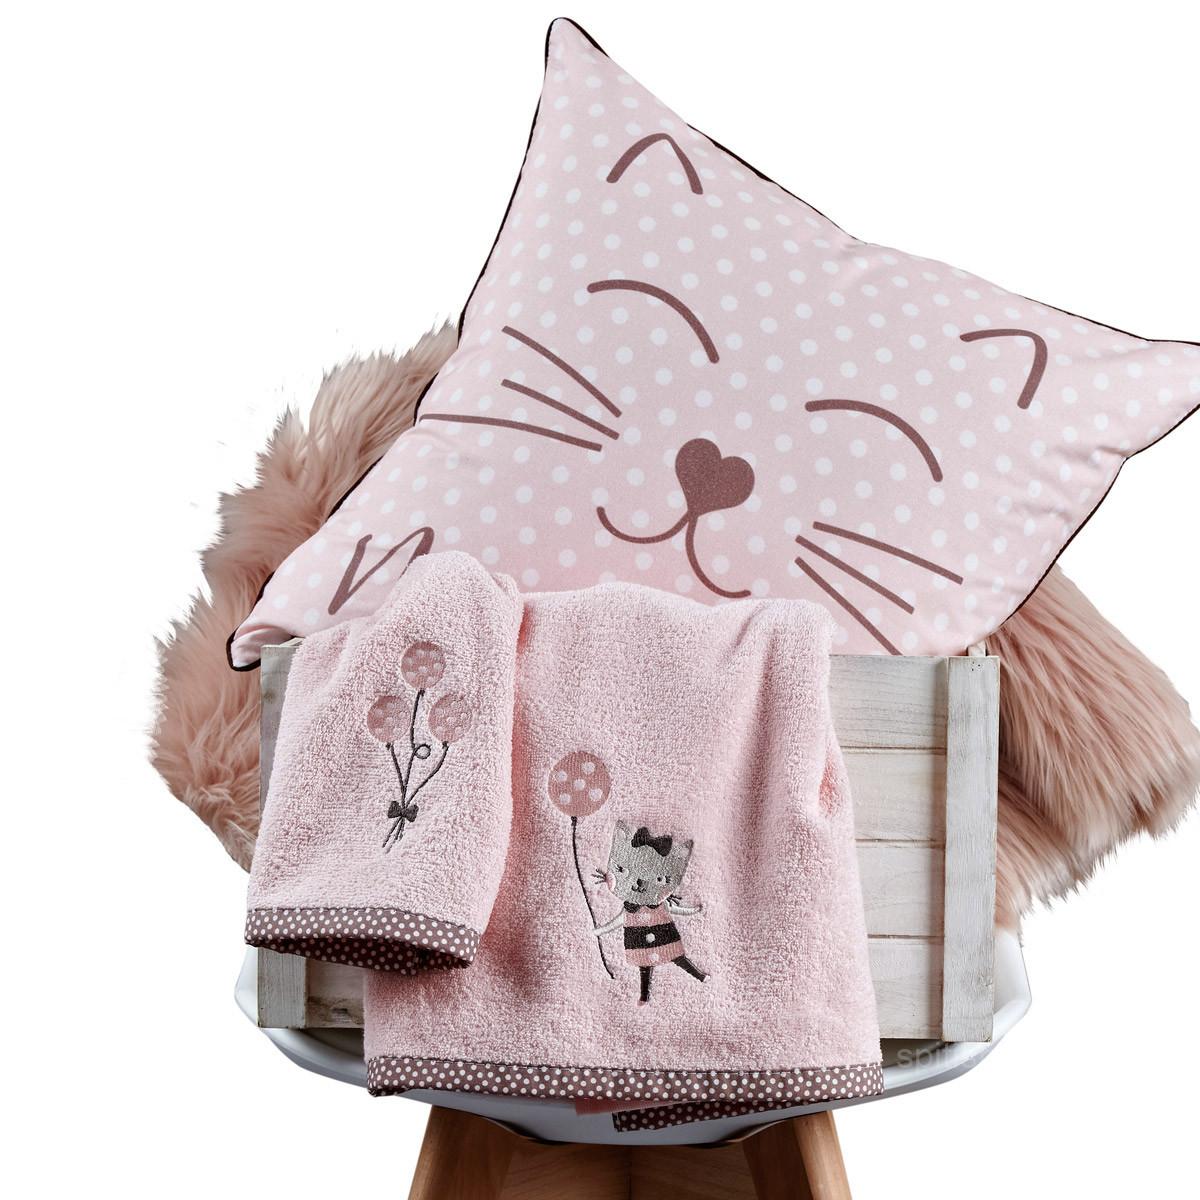 Βρεφικές Πετσέτες (Σετ 2τμχ) Kentia Baby Kitty